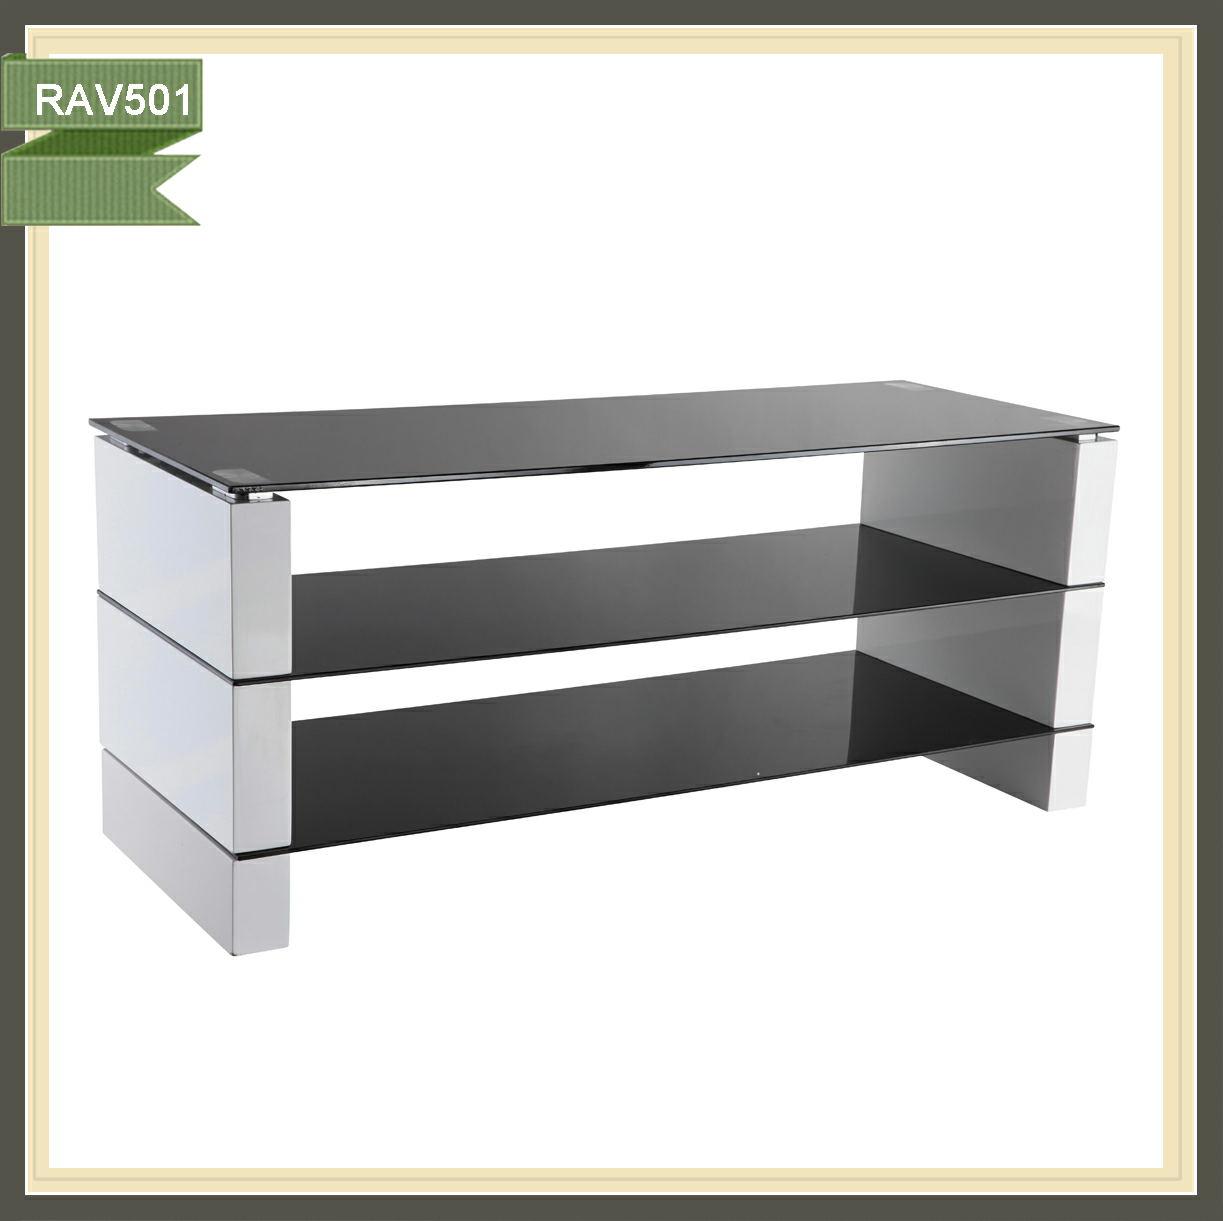 De tv de madera mesa con cajones de soporte de la tv mesa for Mesa para tv con cajones